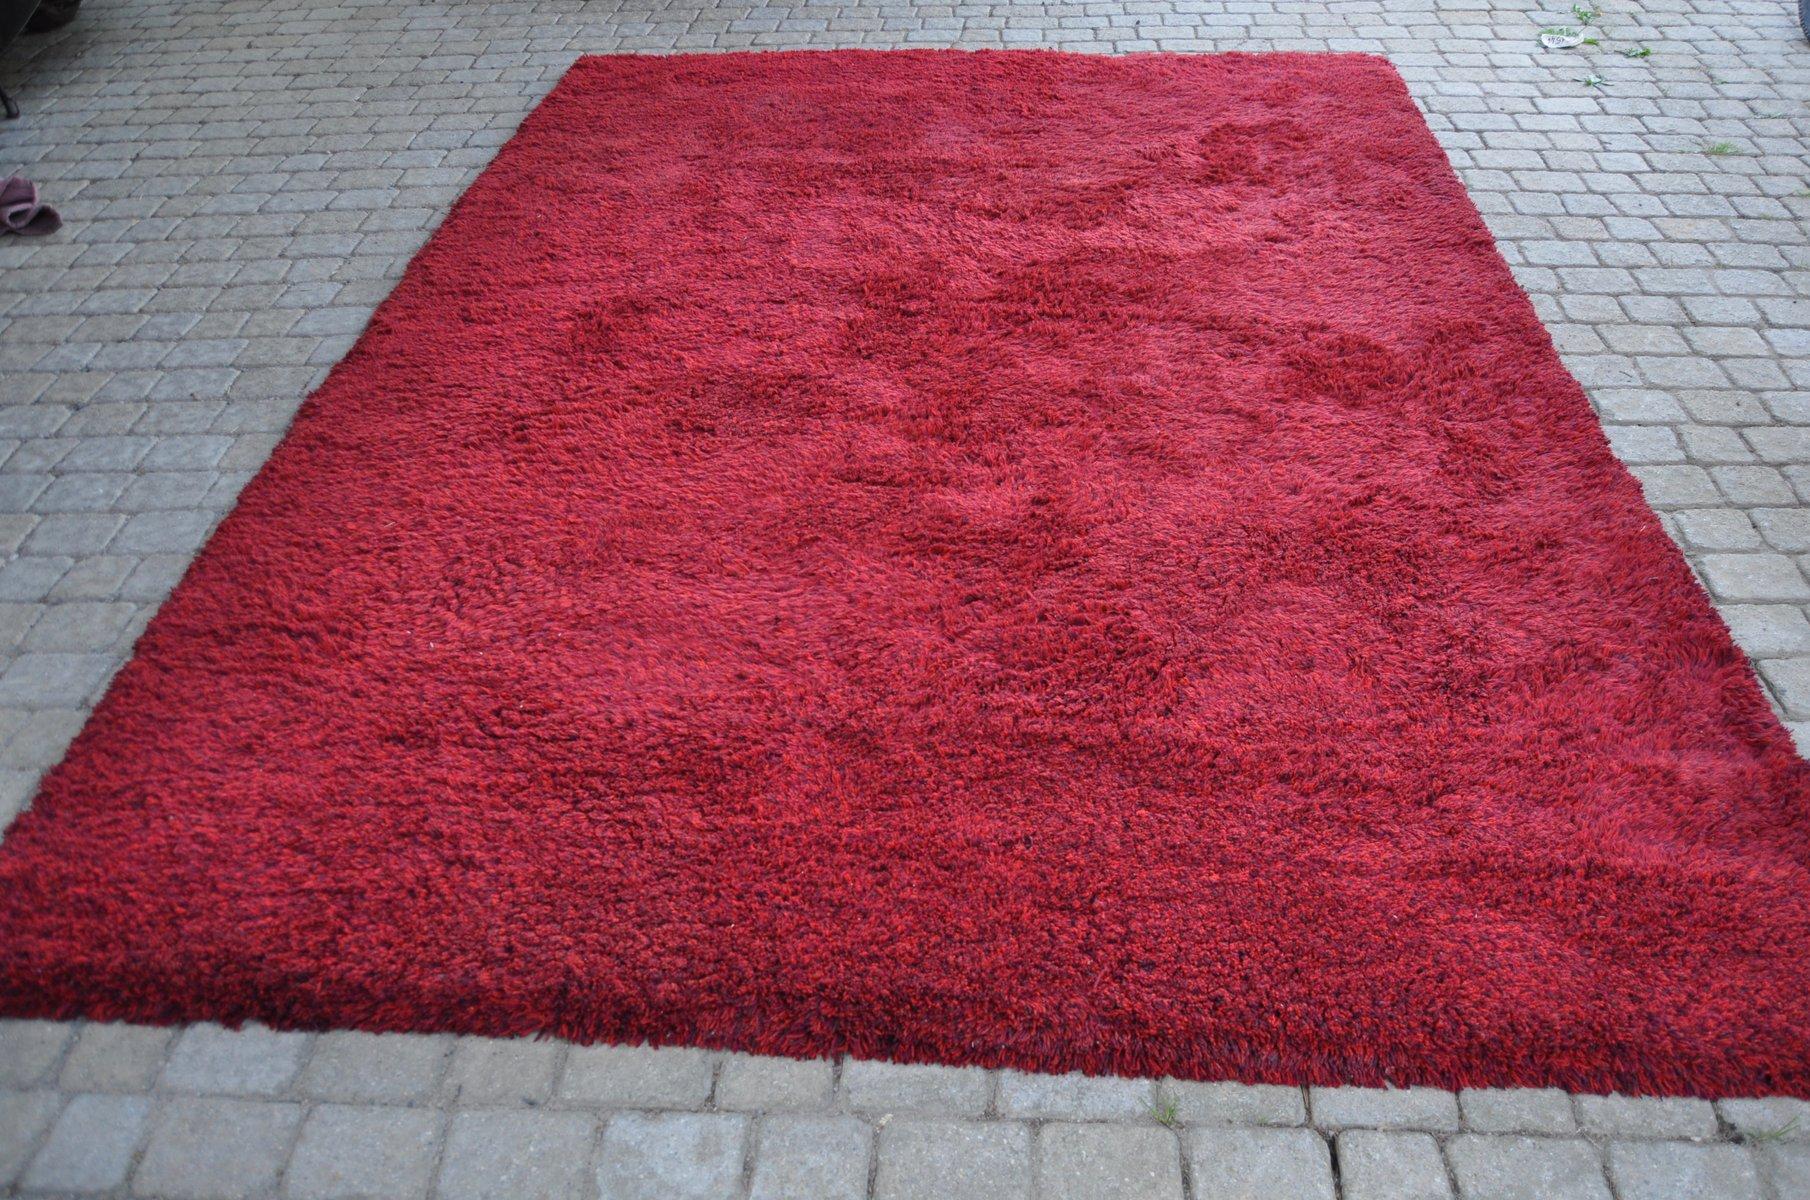 handgefertigter vintage teppich aus roter wolle von tisca 1980er bei pamono kaufen. Black Bedroom Furniture Sets. Home Design Ideas